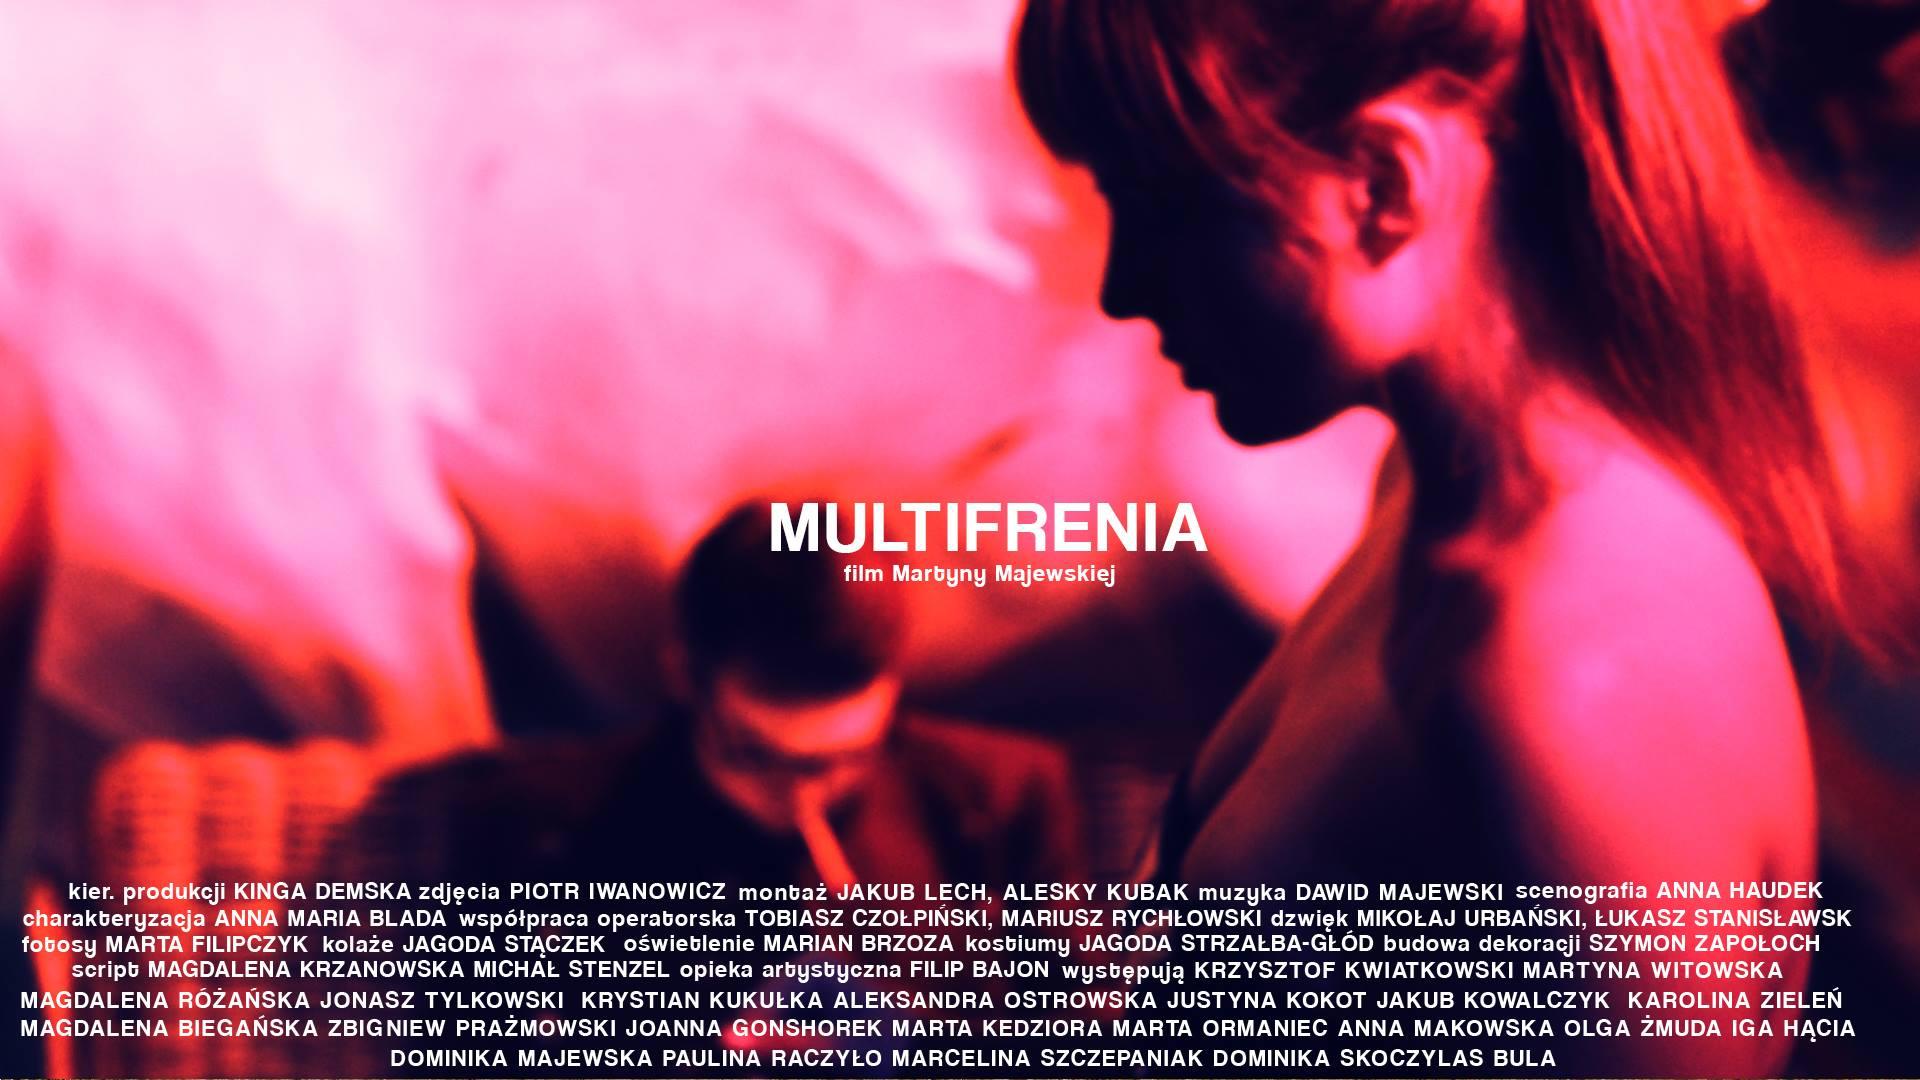 short film MULTIFRENIA